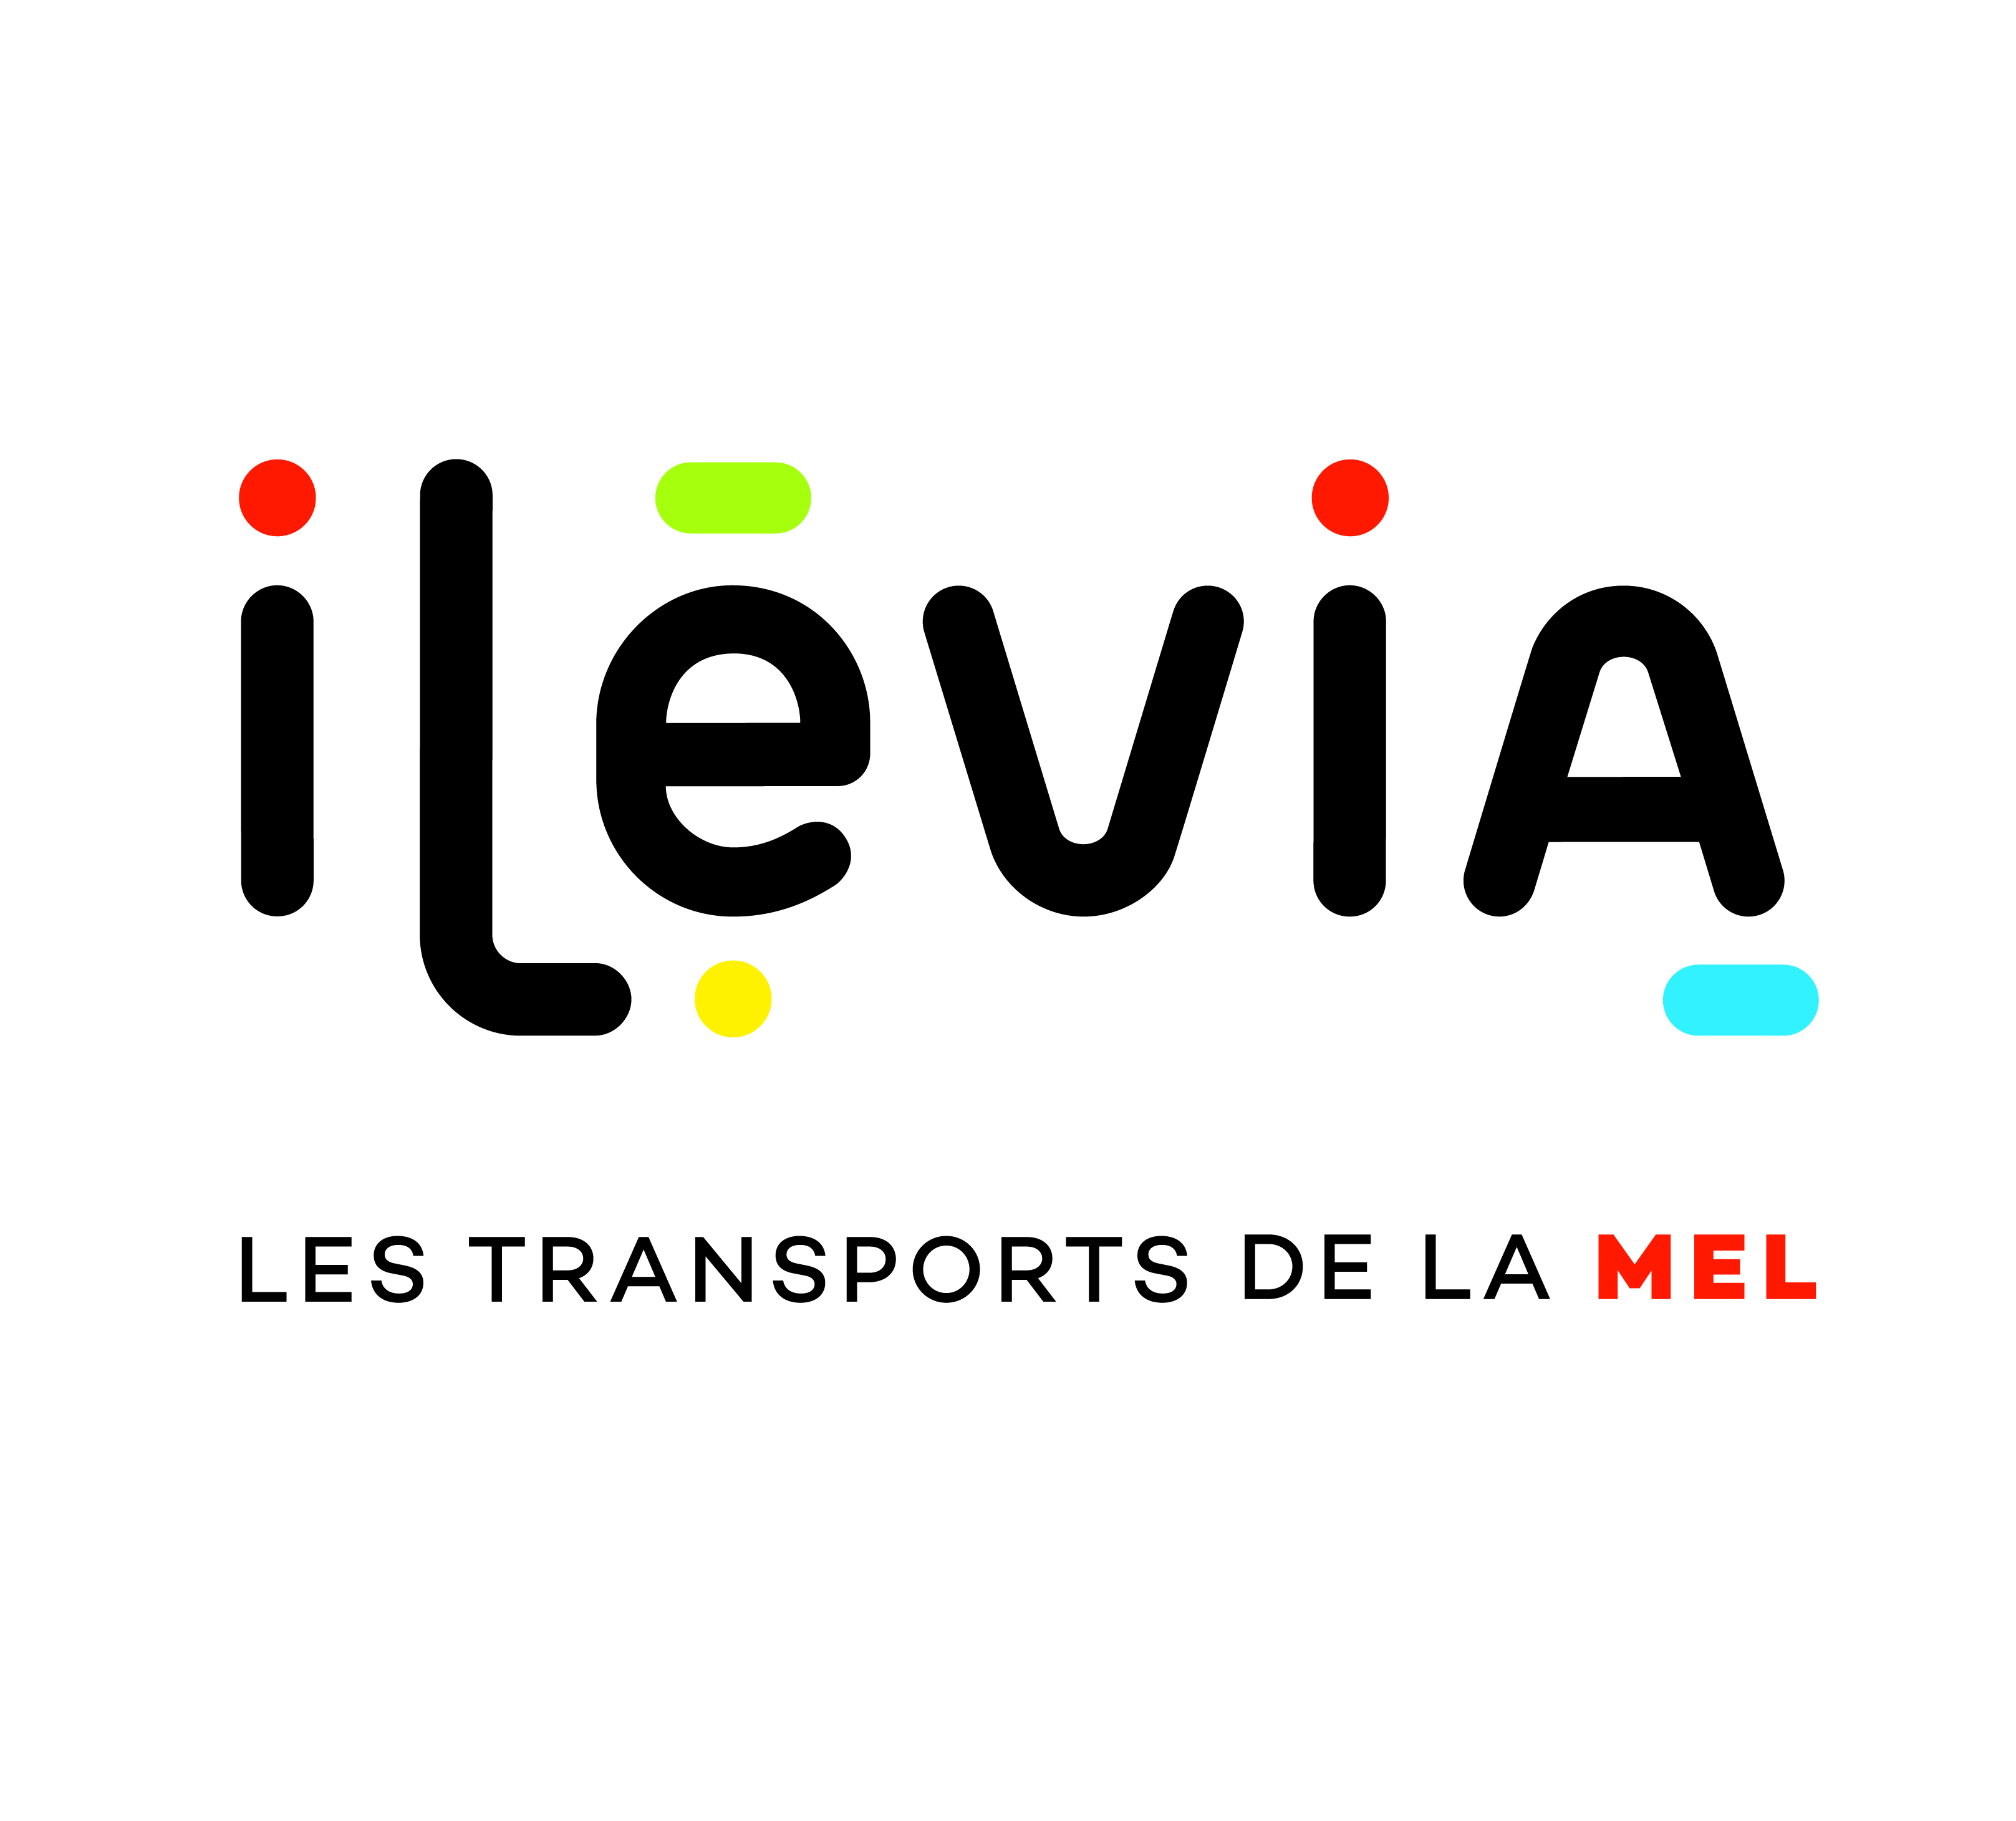 Ilévia (MEL)